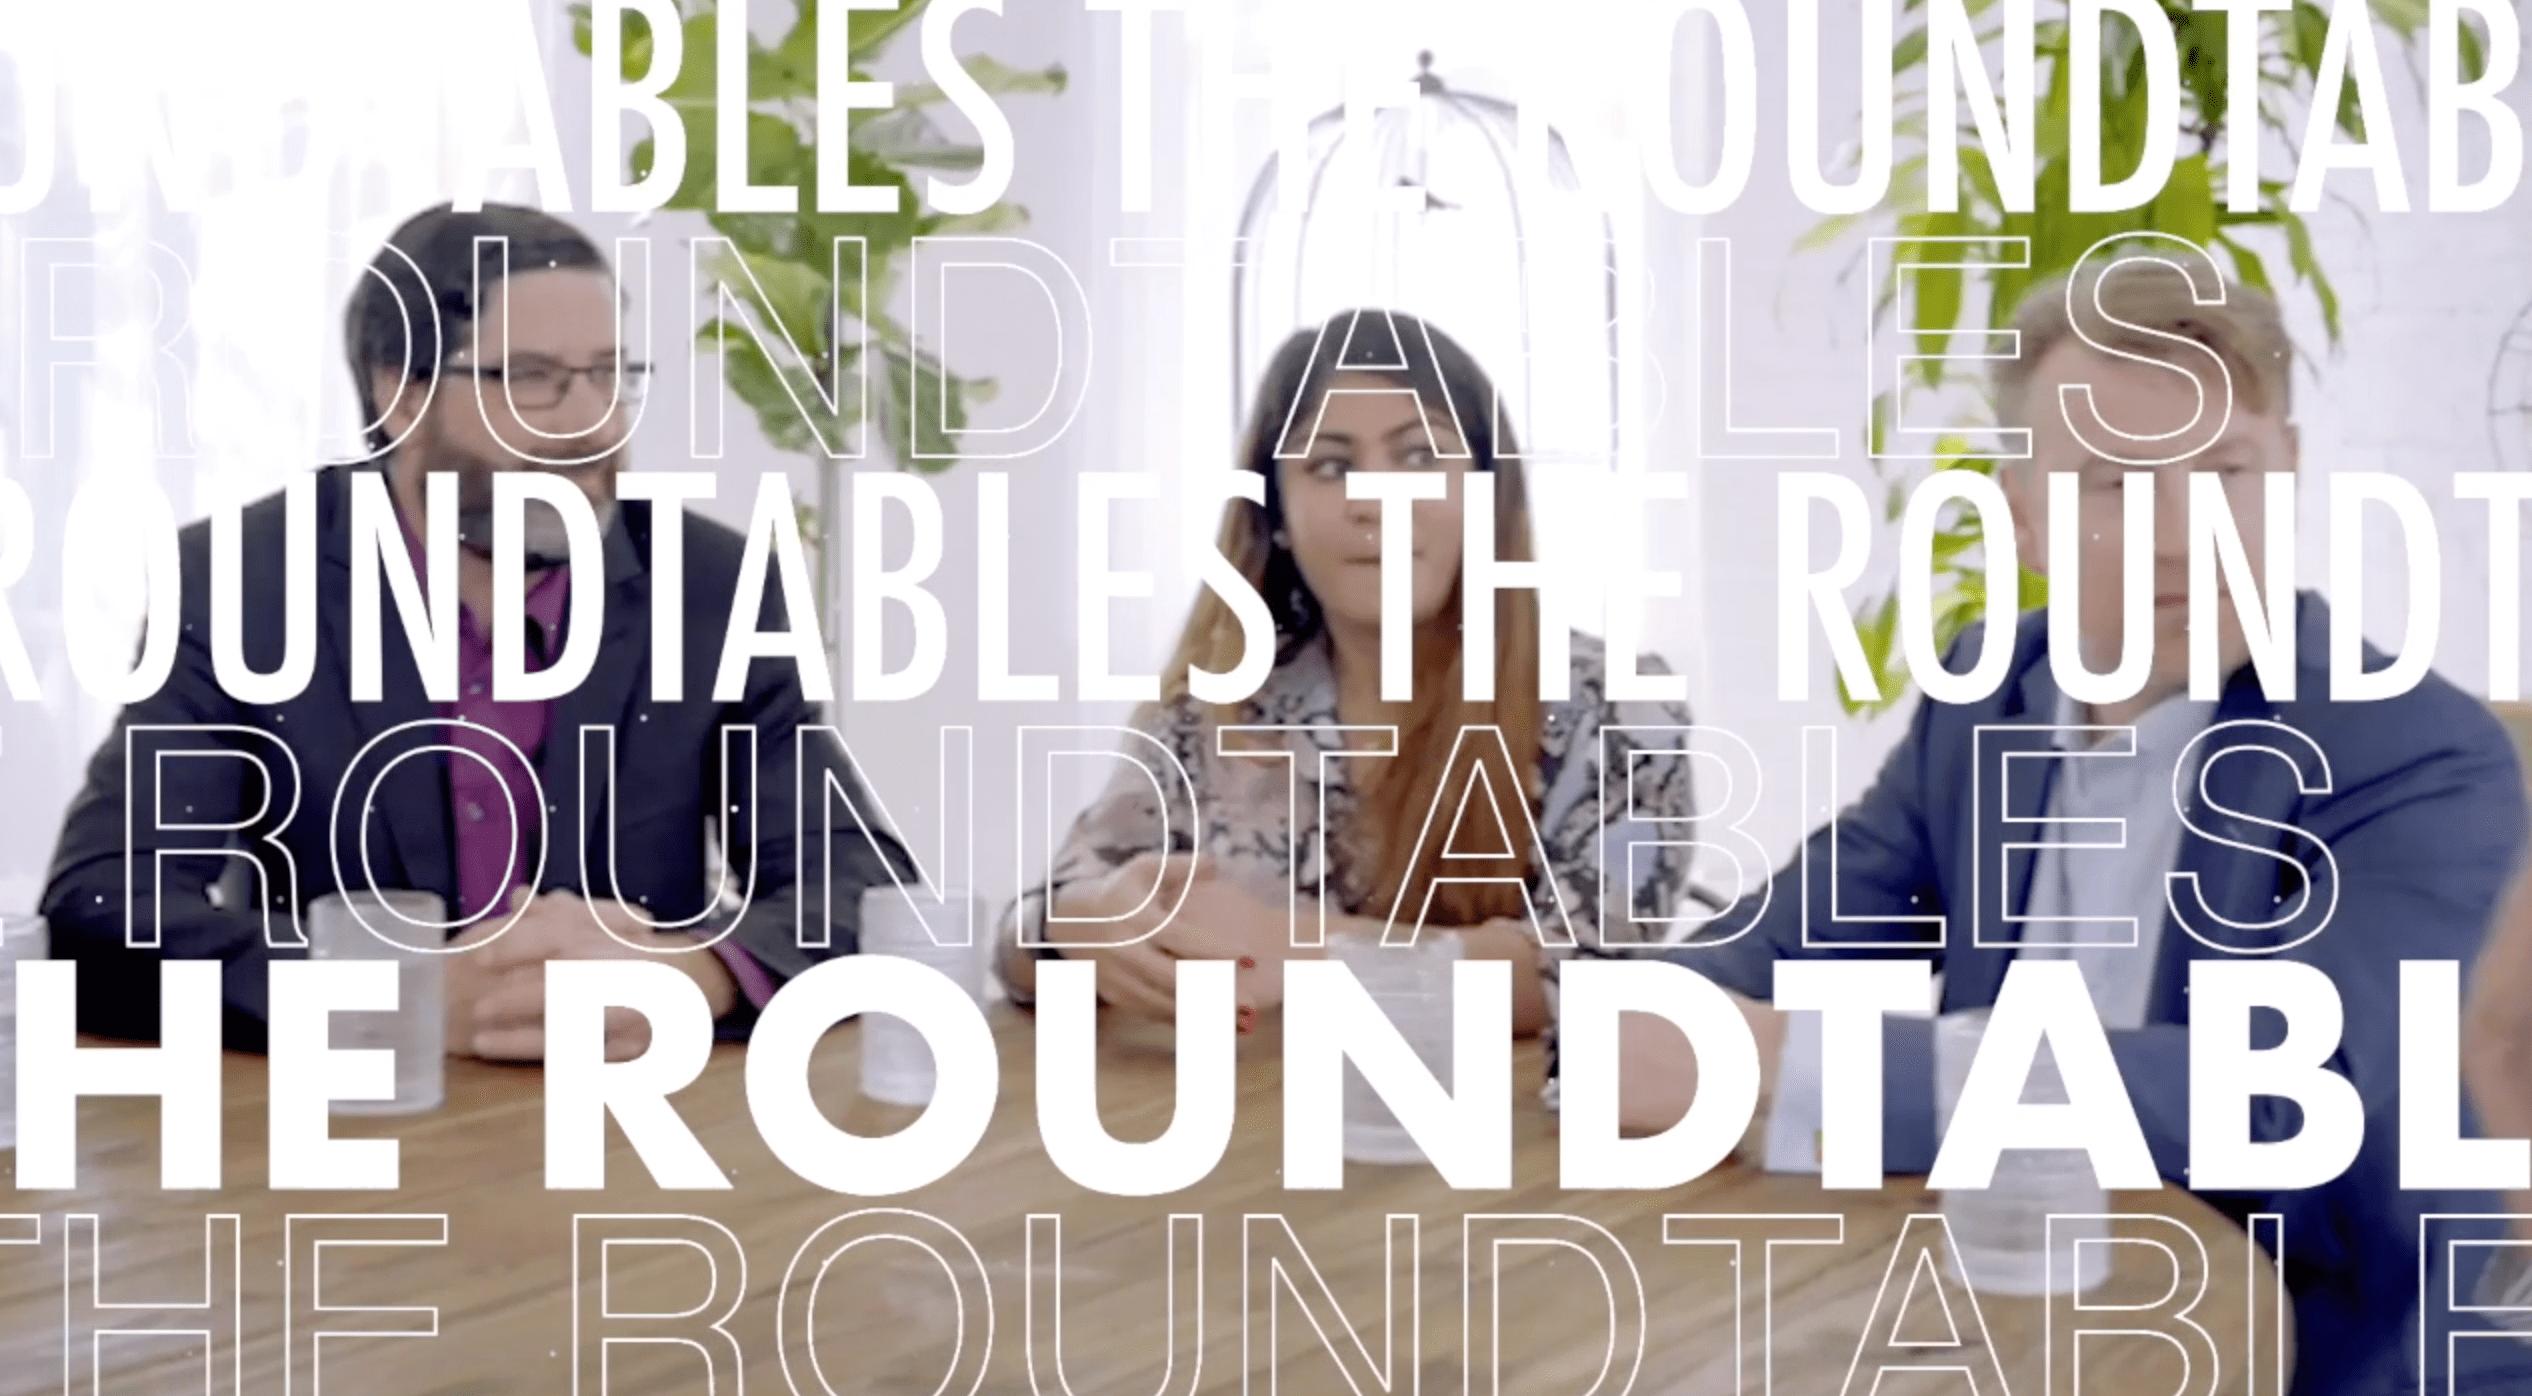 チェンジエージェント、ビジョナリーなエキスパート、業界キーパーソンが一堂に会し、広告・社会・政治・文化など各領域における未来について語る座談会「The Roundtables」